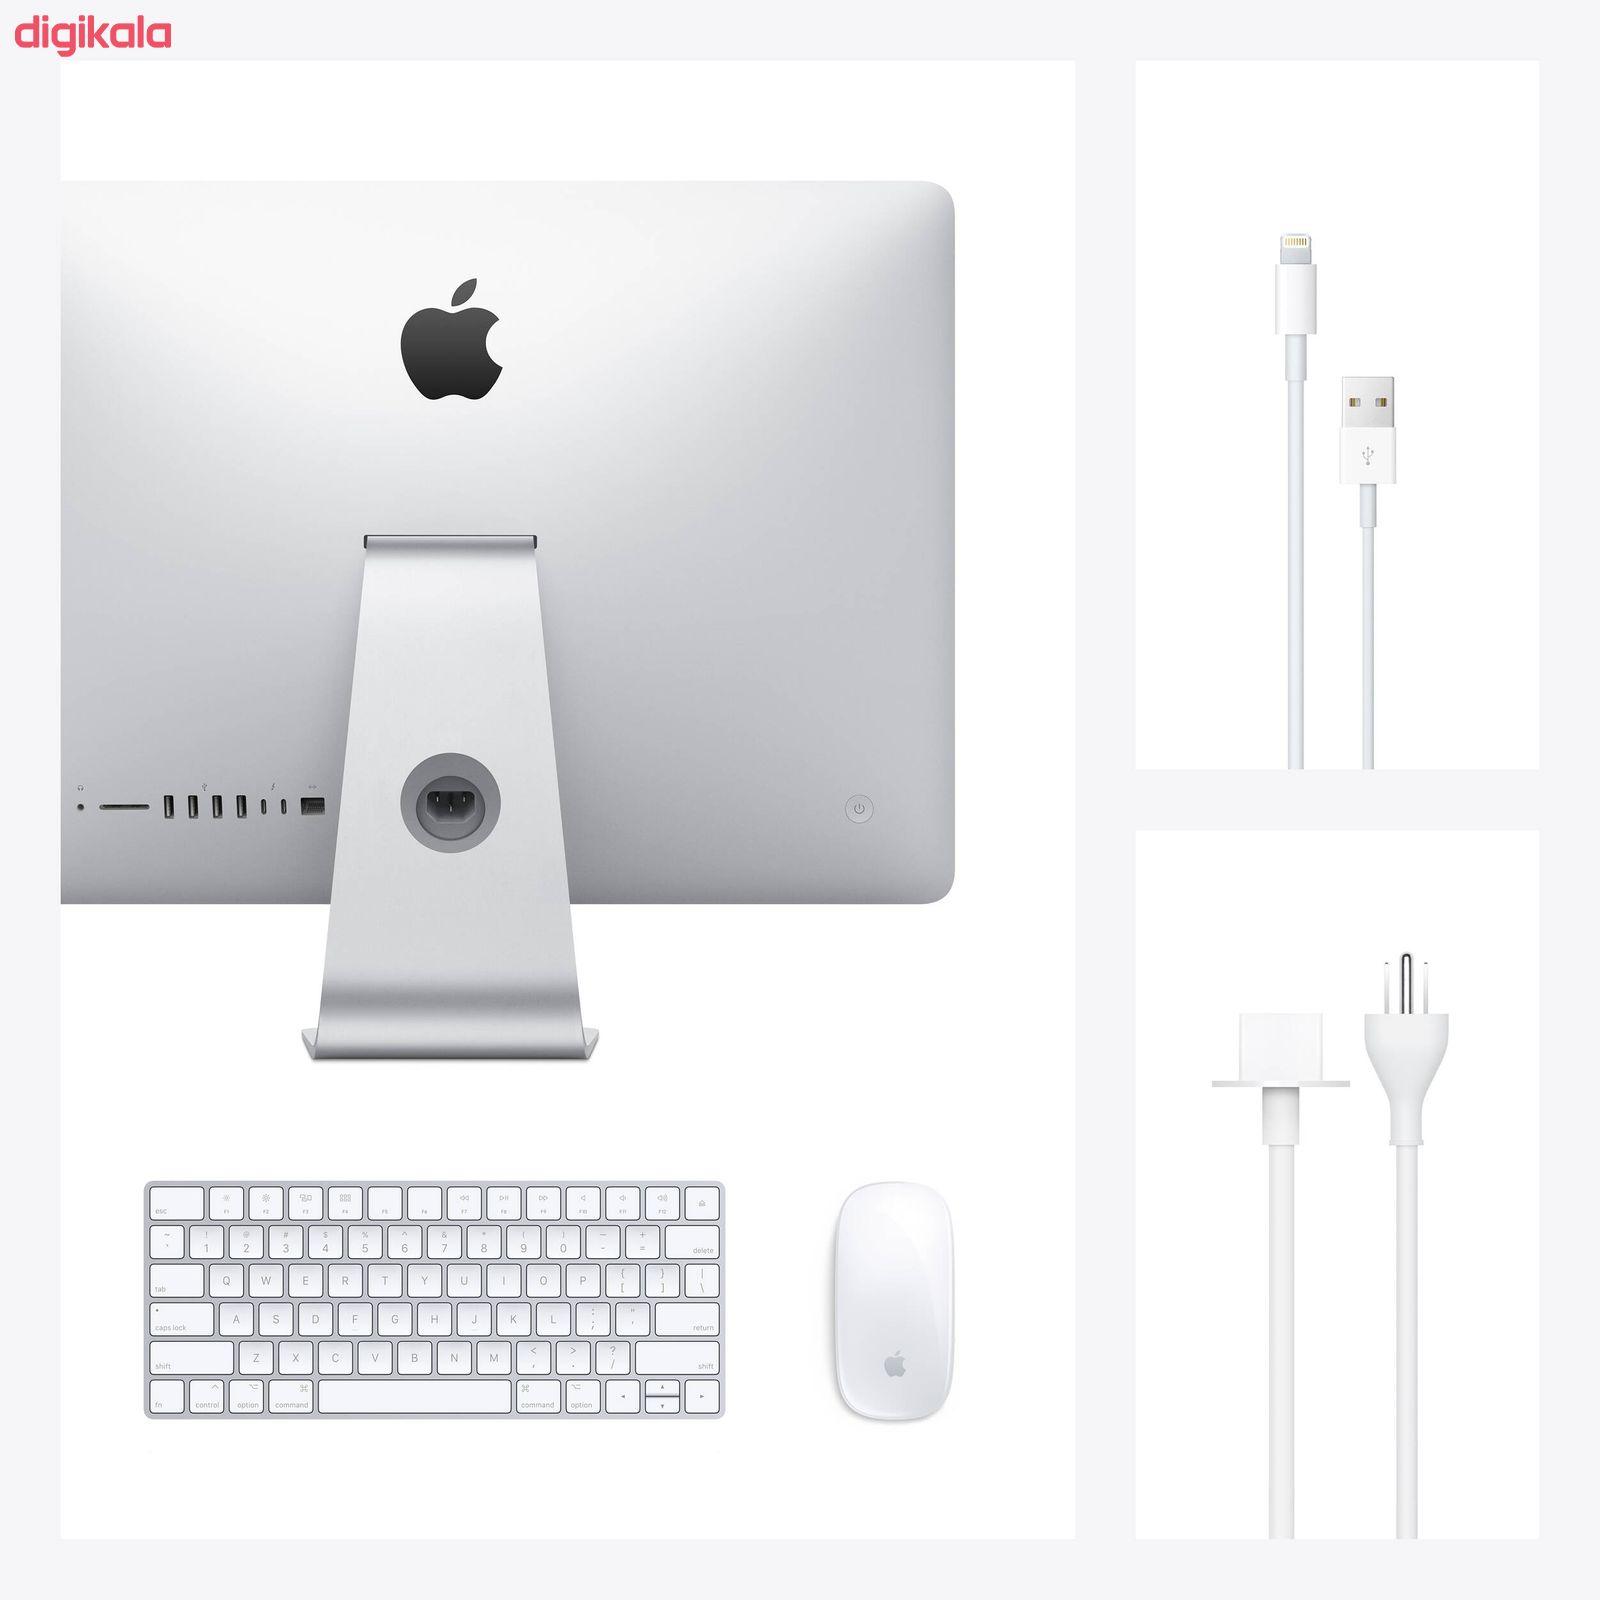 کامپیوتر همه کاره 27 اینچی اپل مدل iMac MXWU2 2020 با صفحه نمایش رتینا 5K  main 1 4